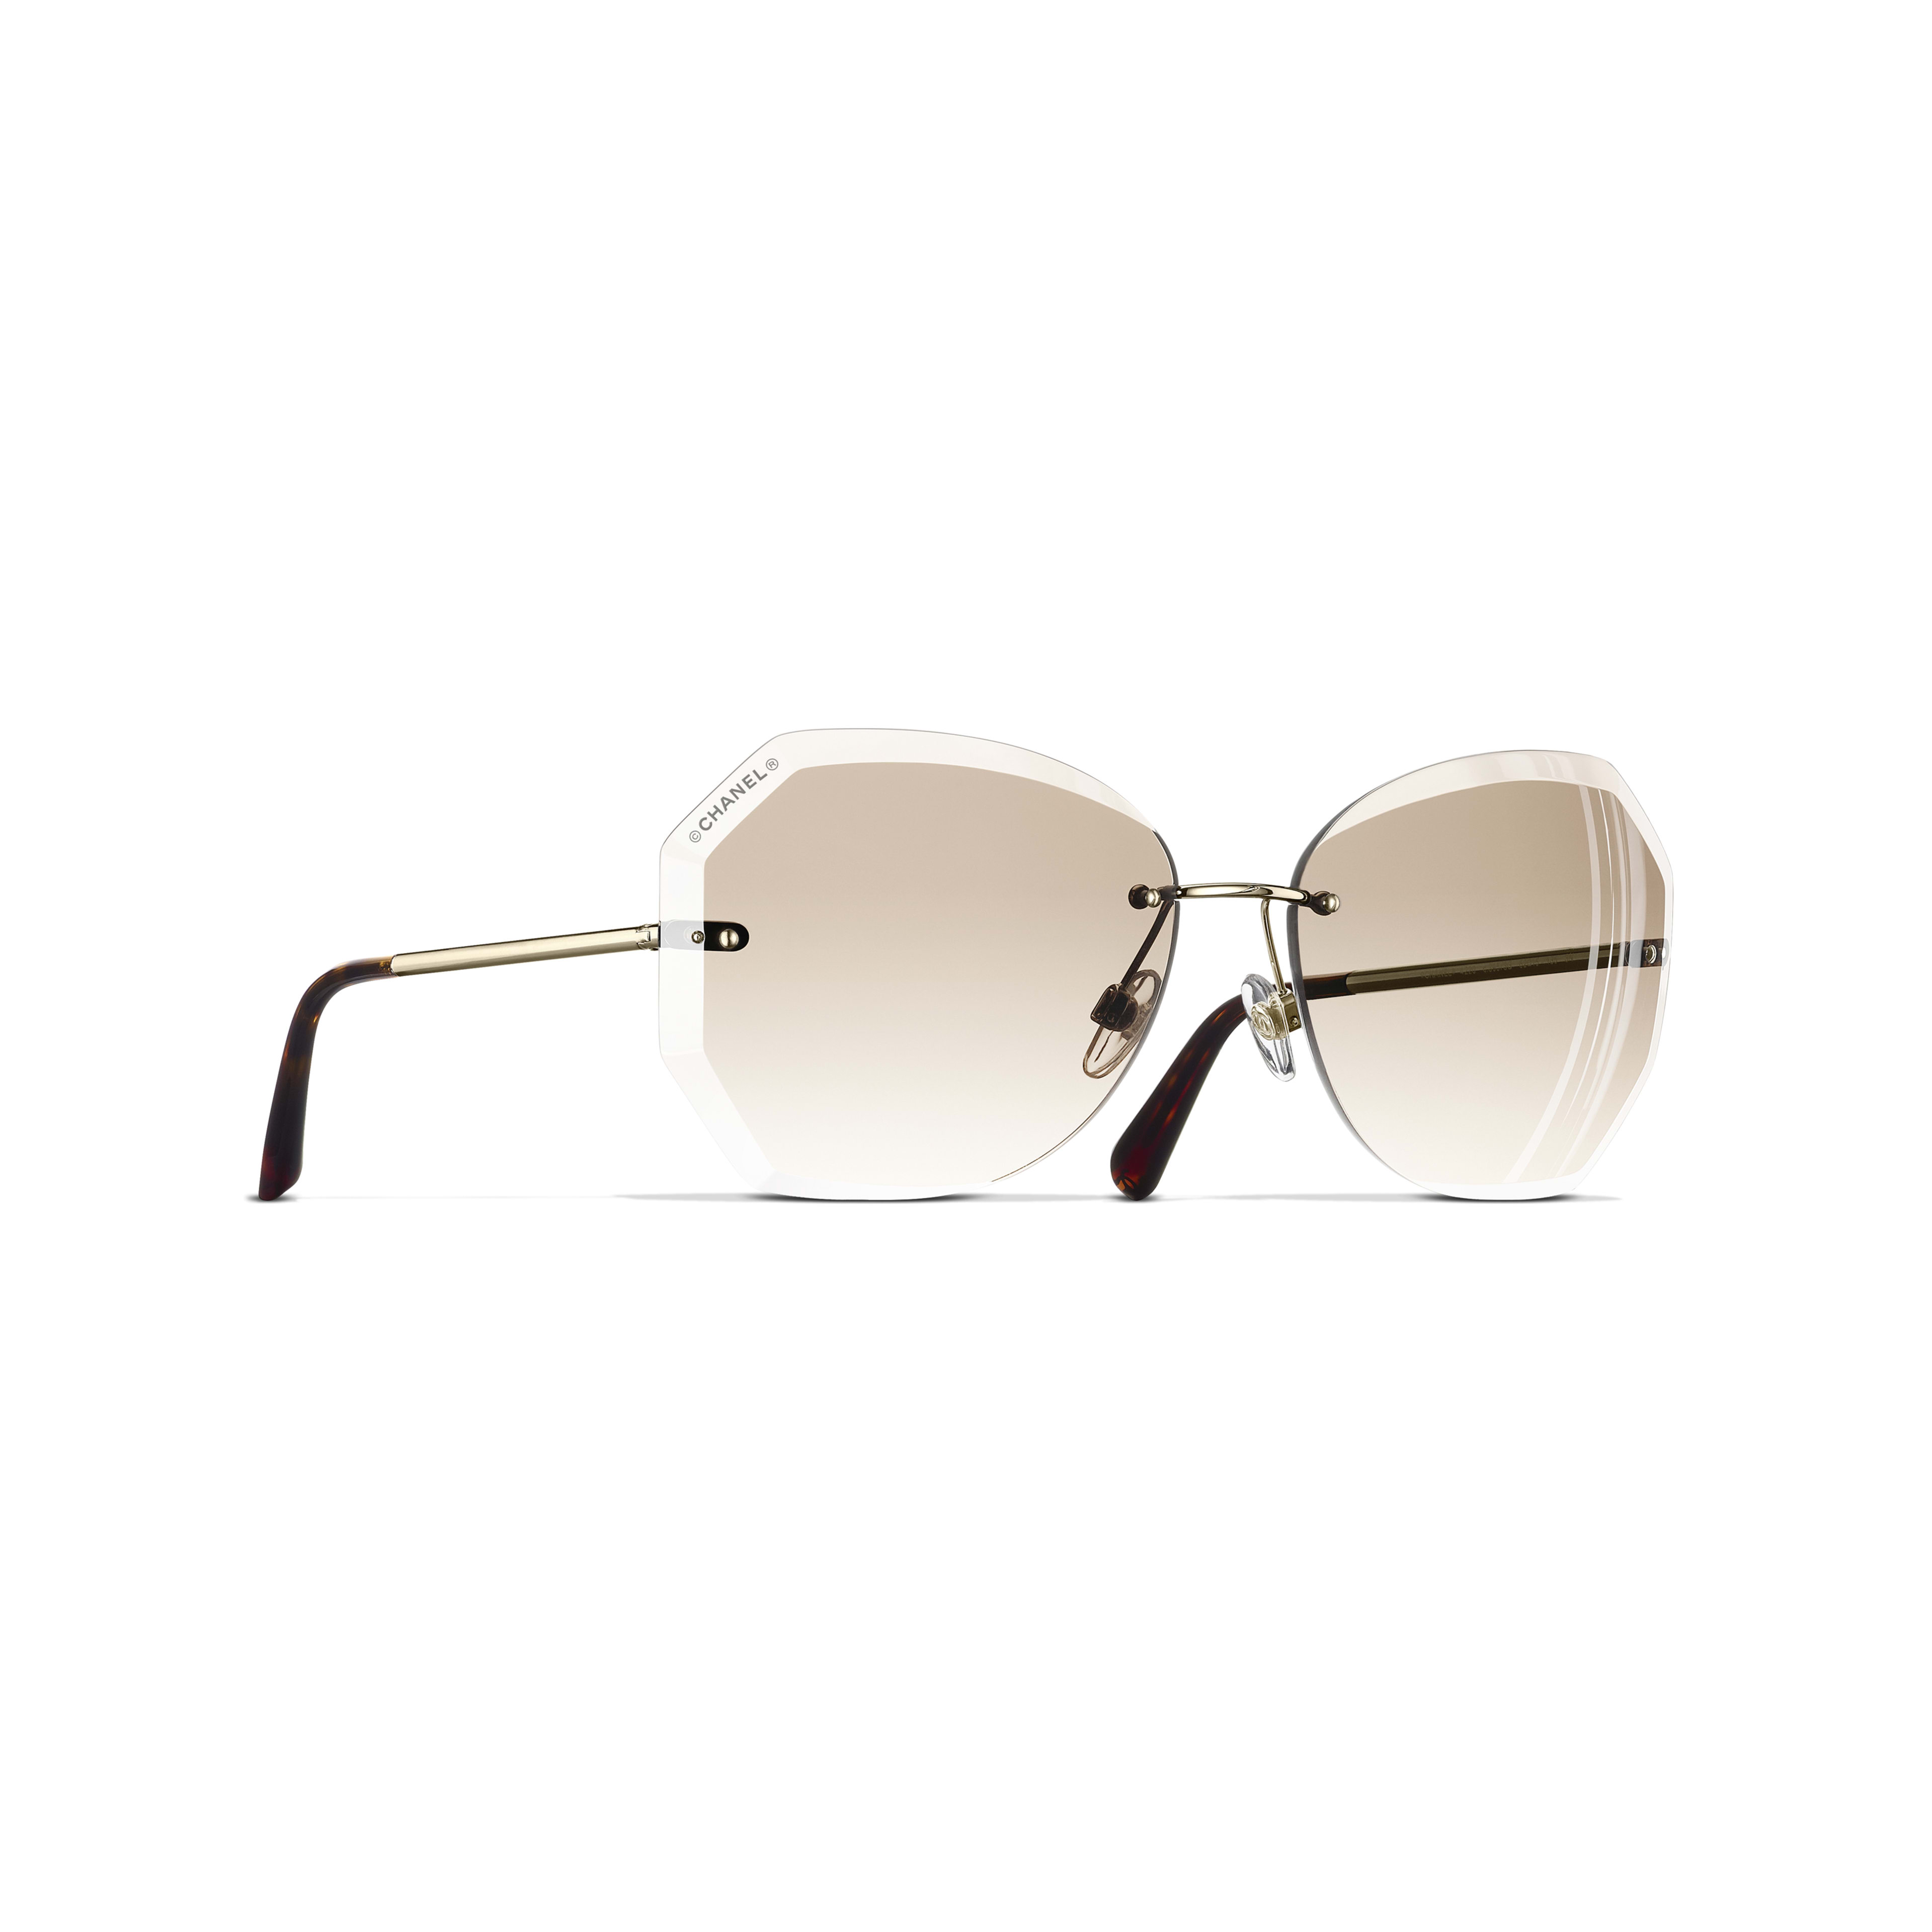 Gafas de sol redondas - Dorado y beige - Metal - CHANEL - Vista por defecto - ver la versión tamaño estándar